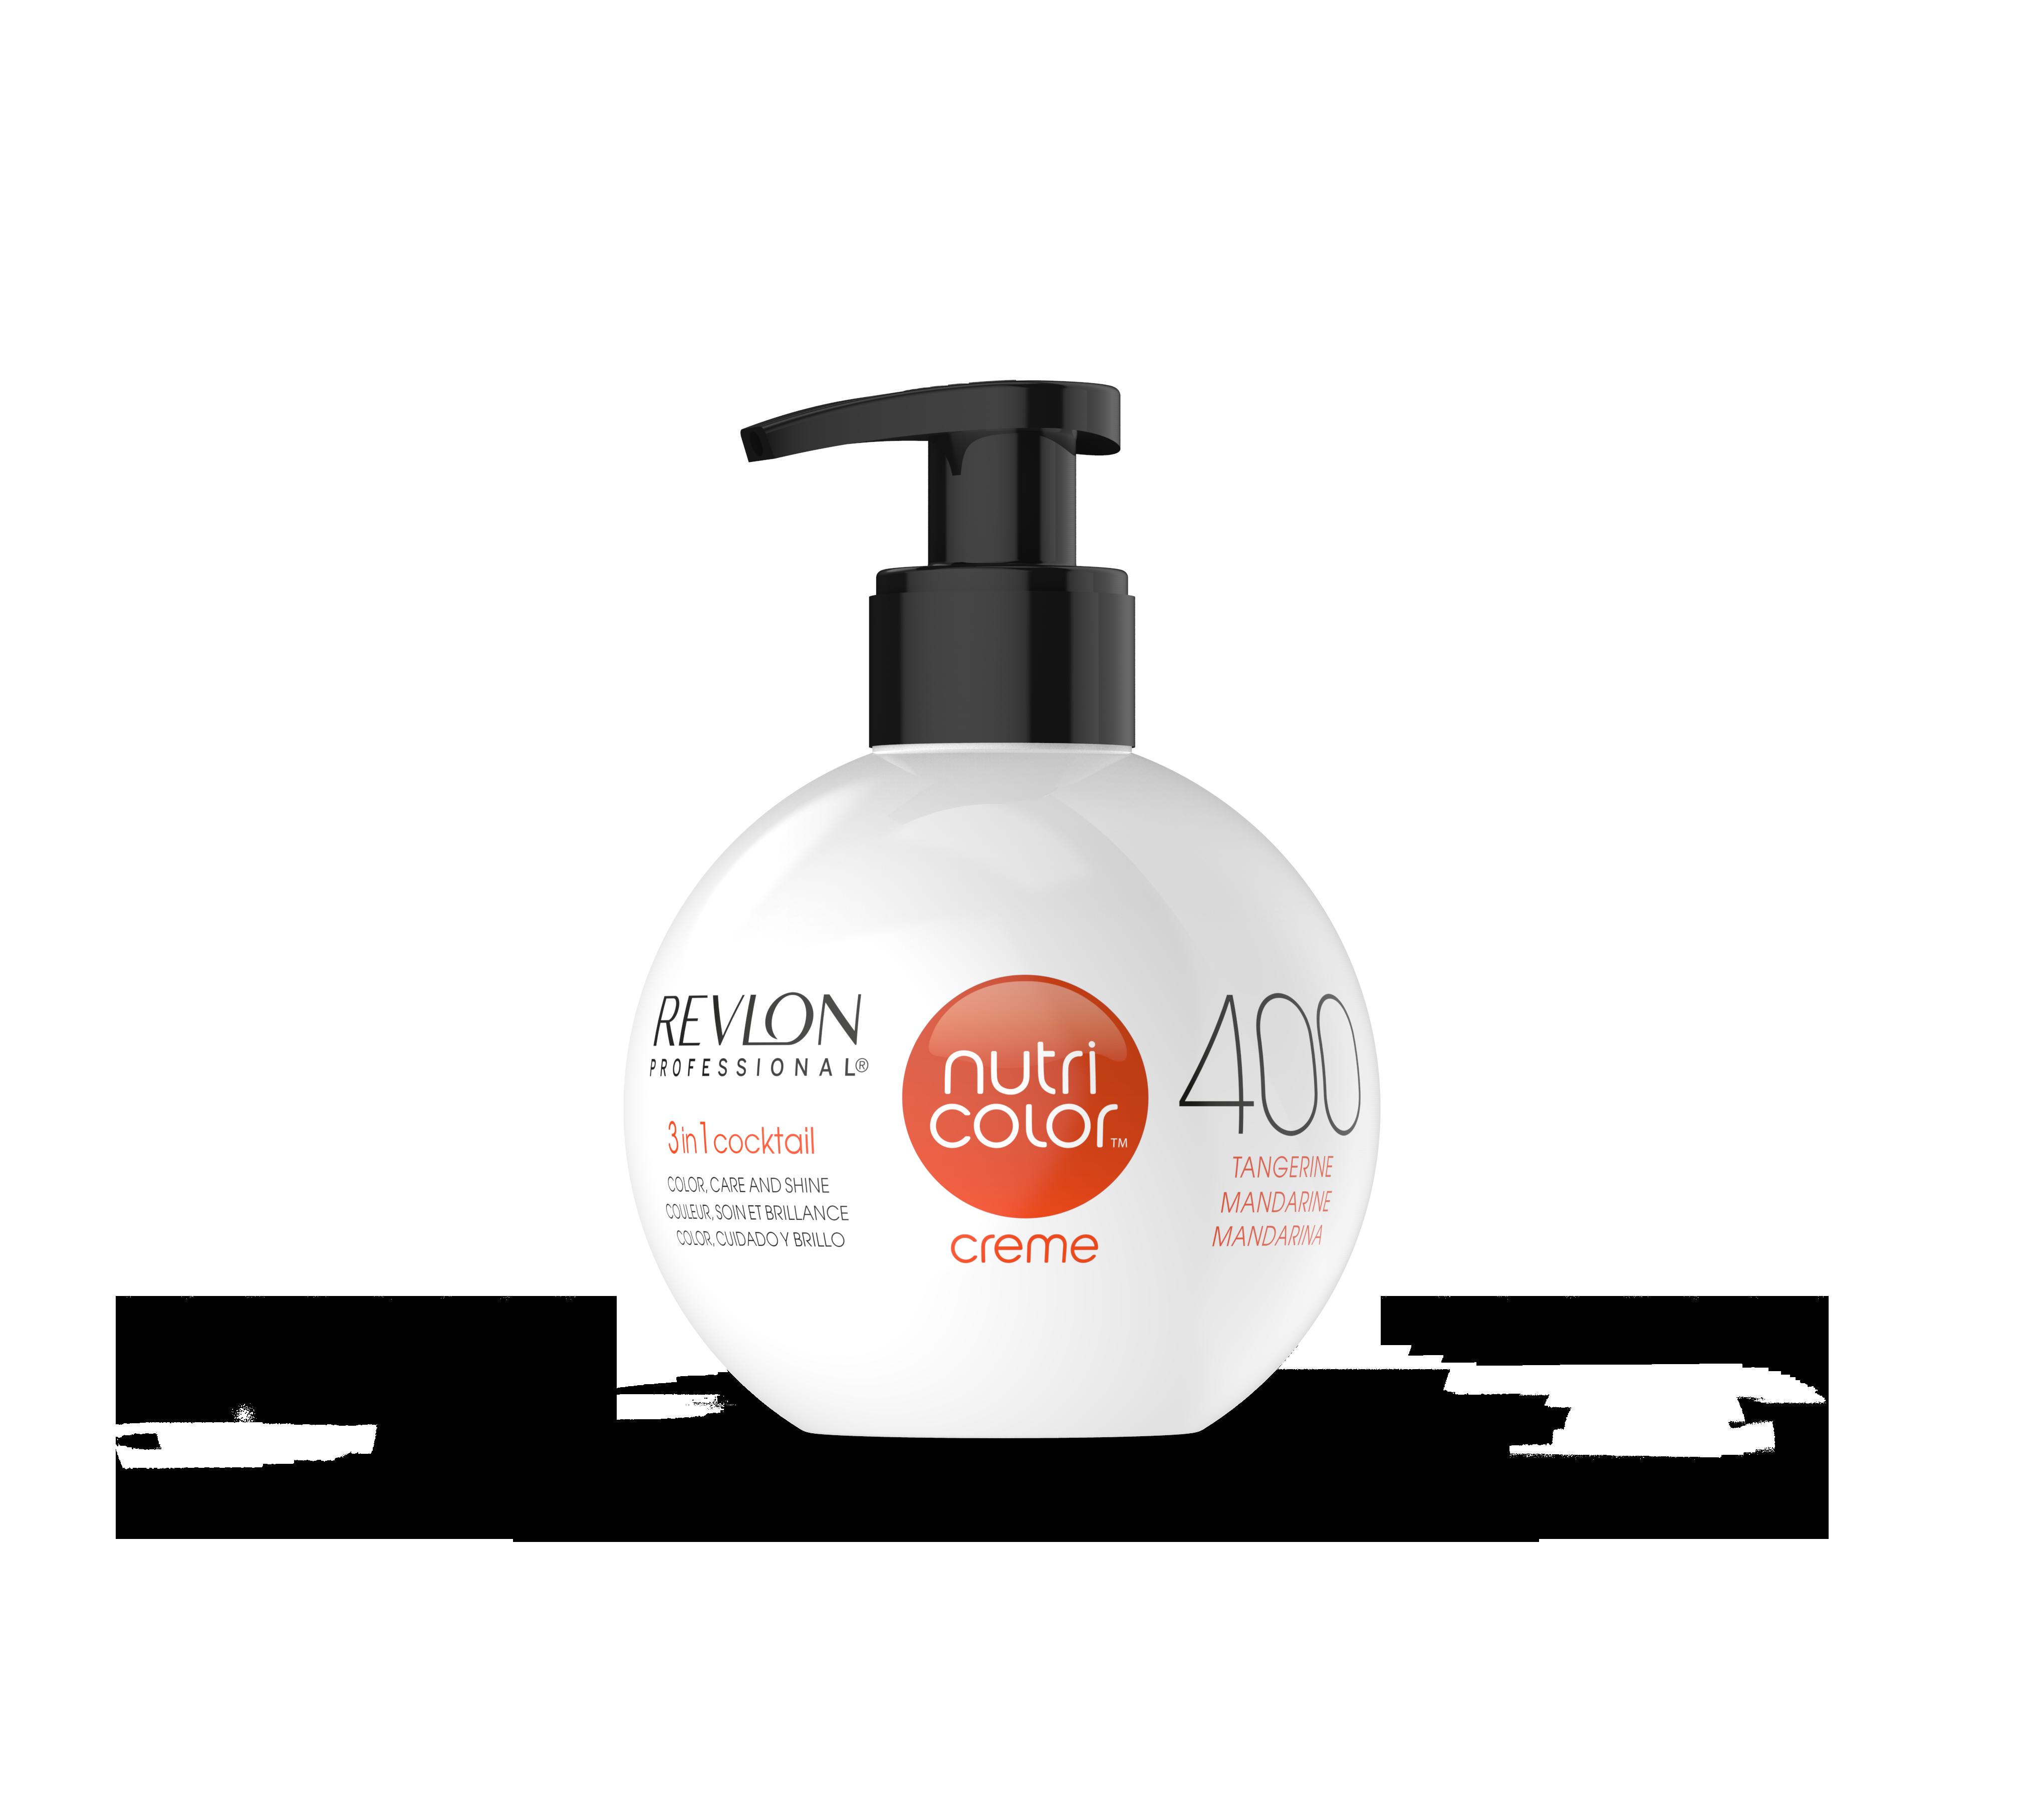 Купить REVLON Professional 400 краска 3 в 1 для волос, оранжевый / NUTRI COLOR CREME 250 мл